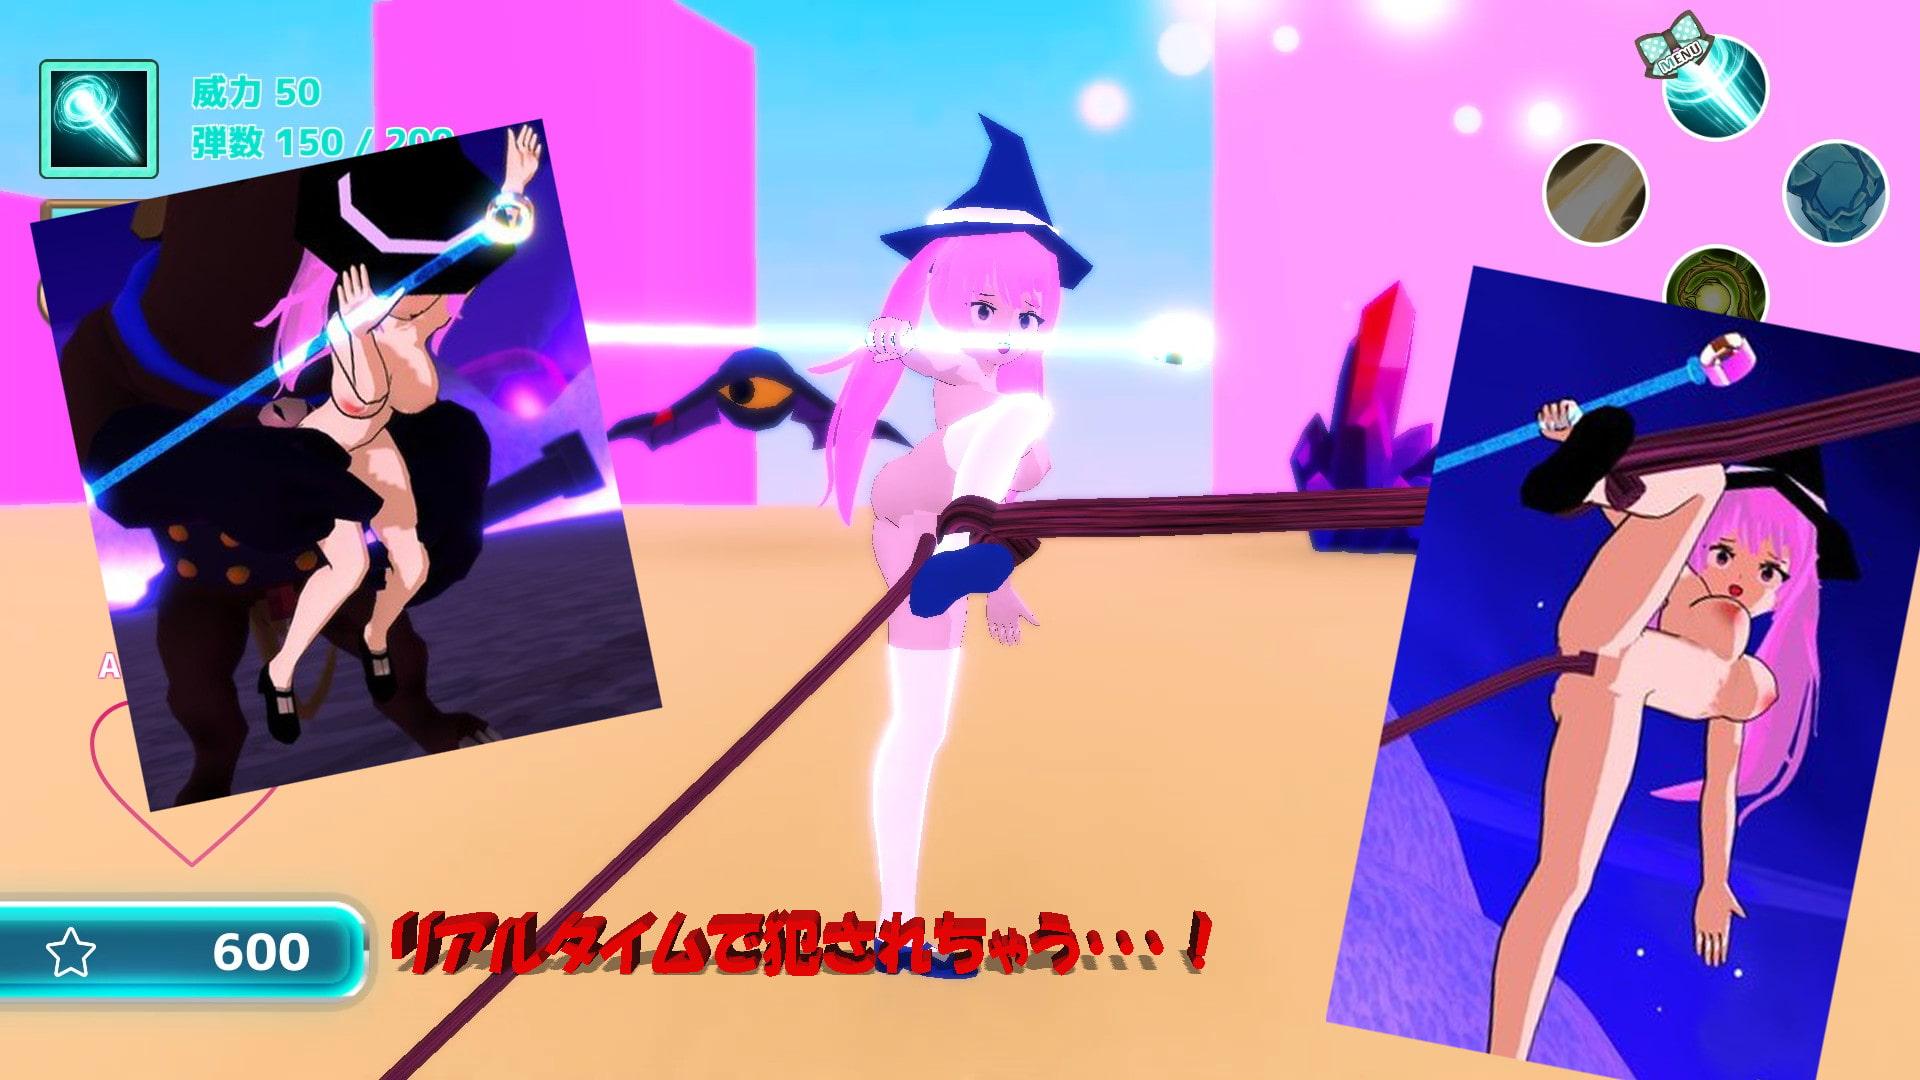 魔法使いミミちゃんの冒険譚のサンプル画像2